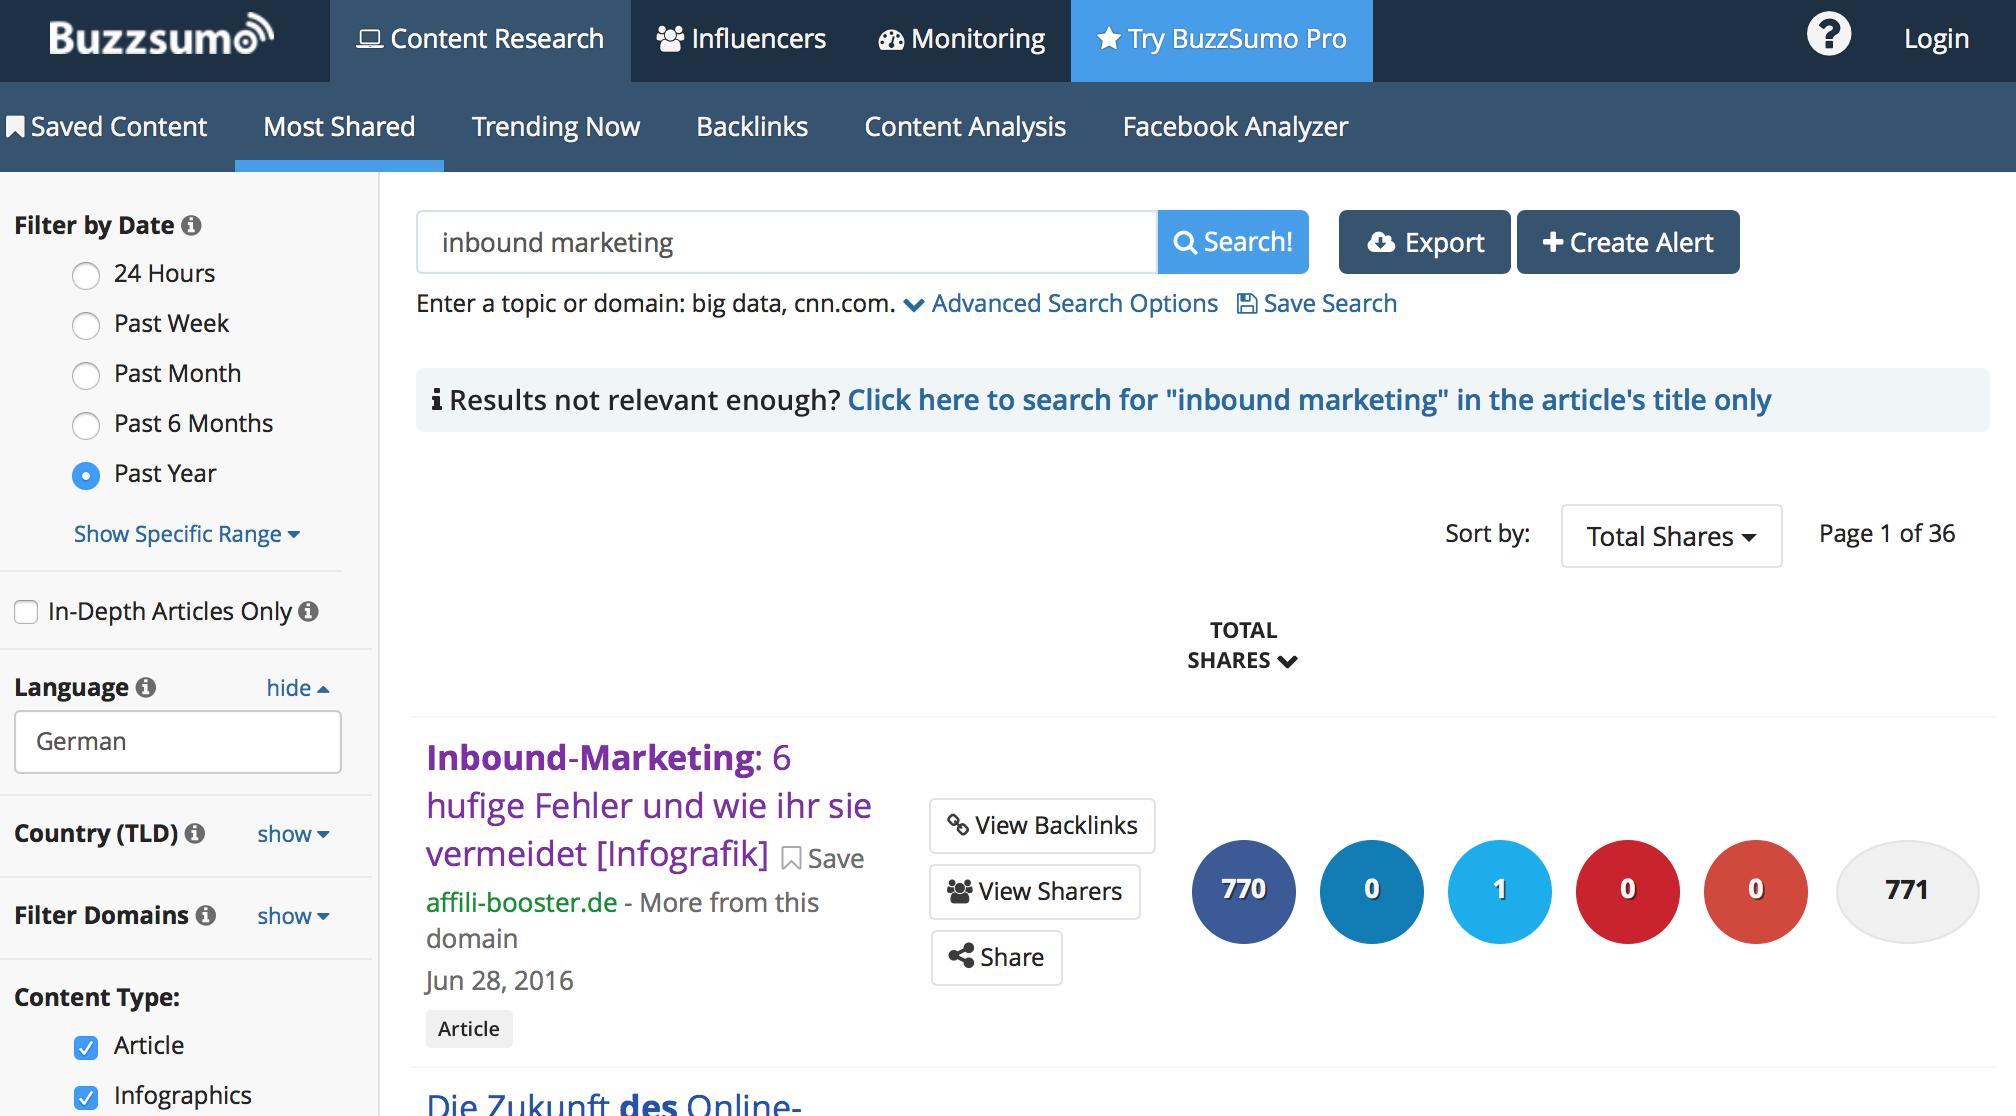 bild-1-inbound-marketing-content-den-ihre-kunden-lesen-wollen-dennis-troeger